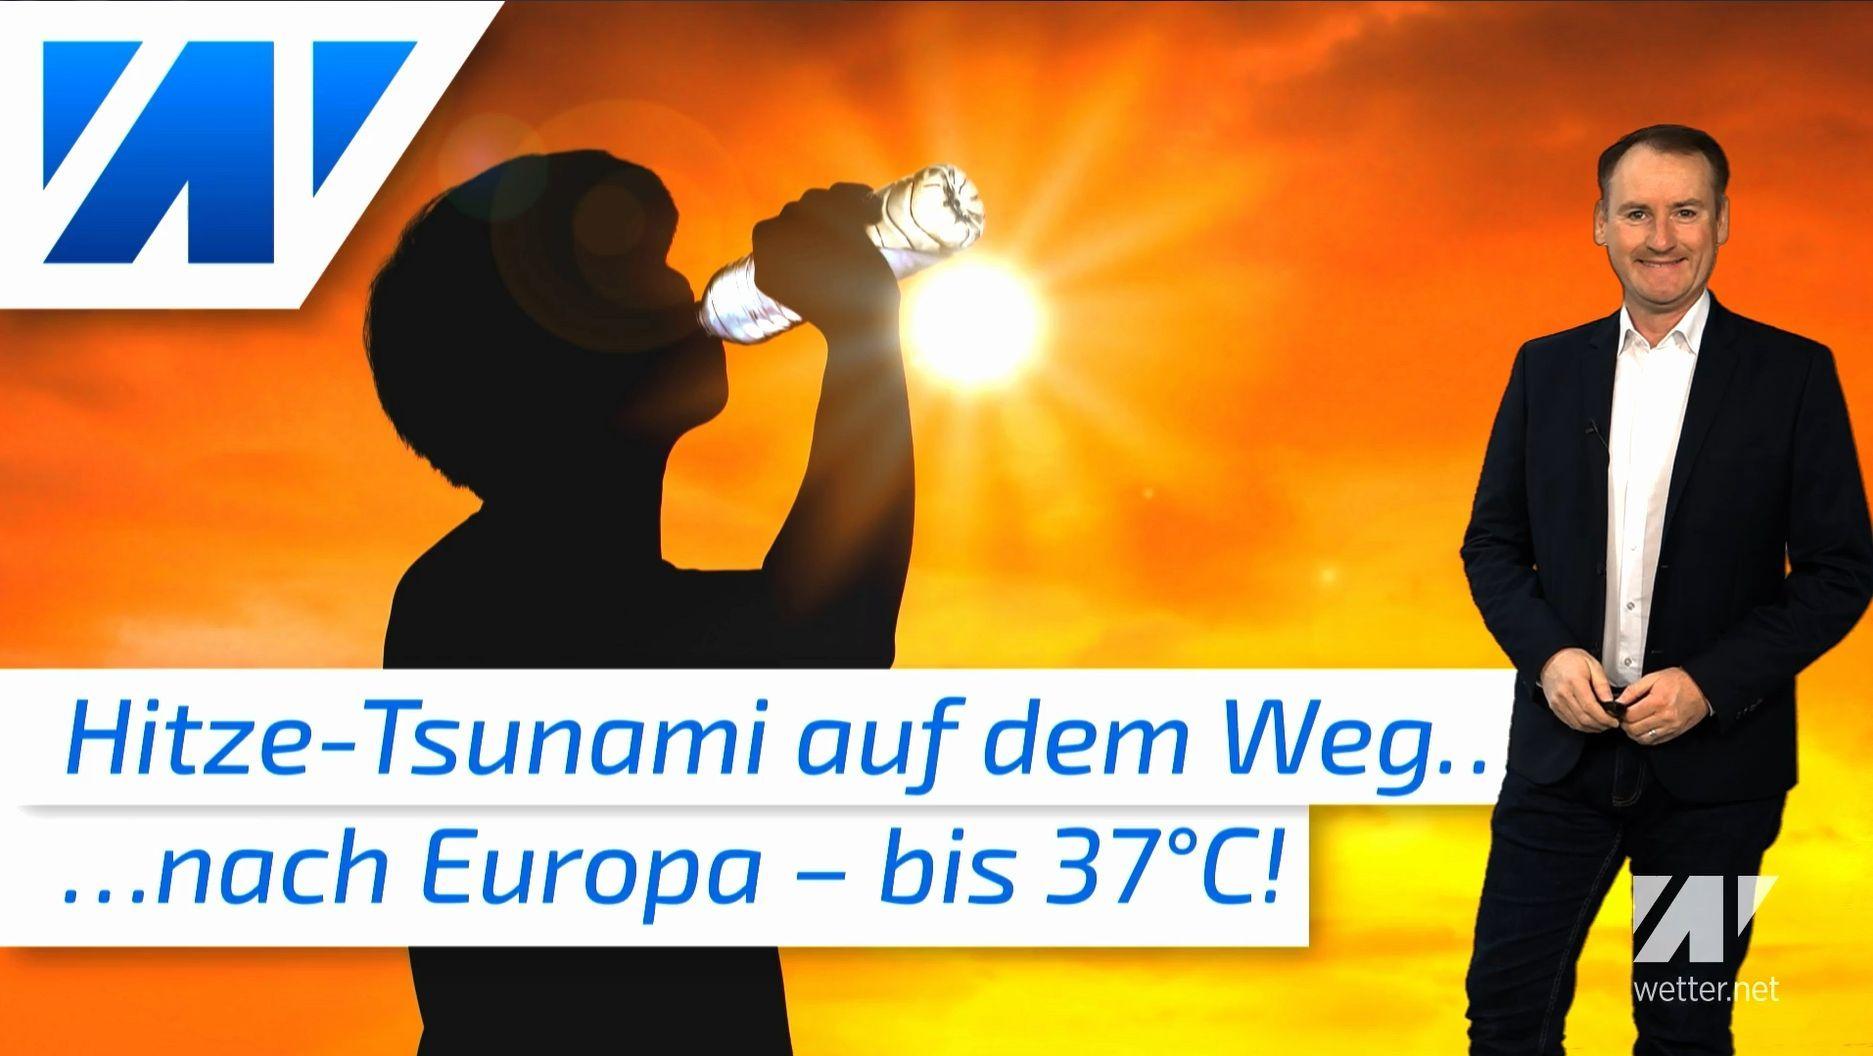 Hitze-Tsunami rauscht auf Deutschland zu: Eine längere Hitzewelle kommt!